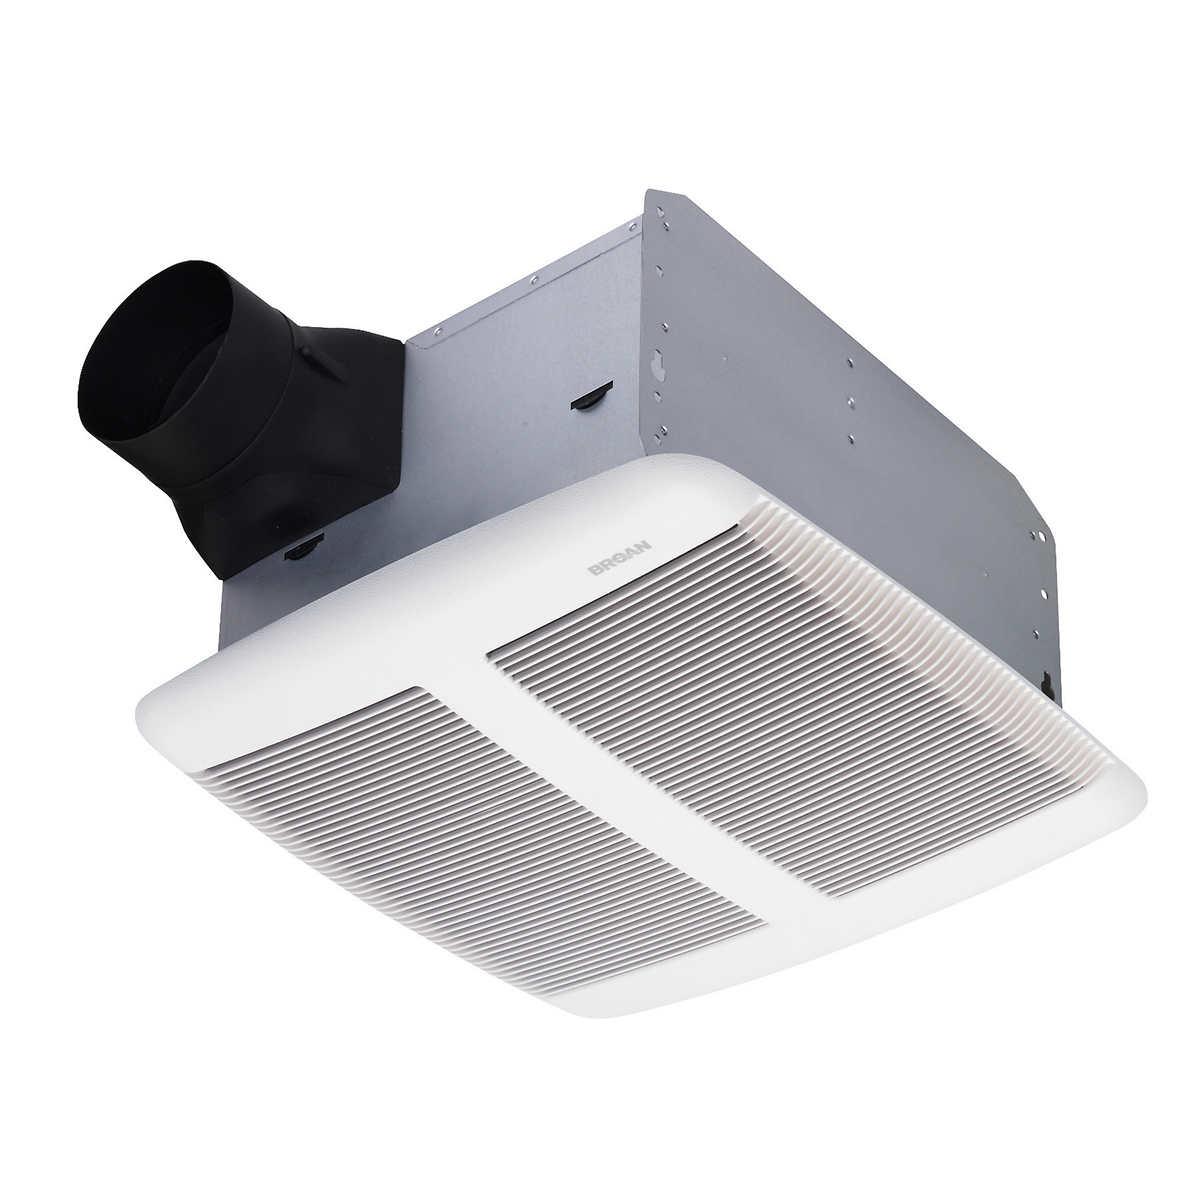 Broan Bath Fan Kit With Built In Bluetooth Speaker